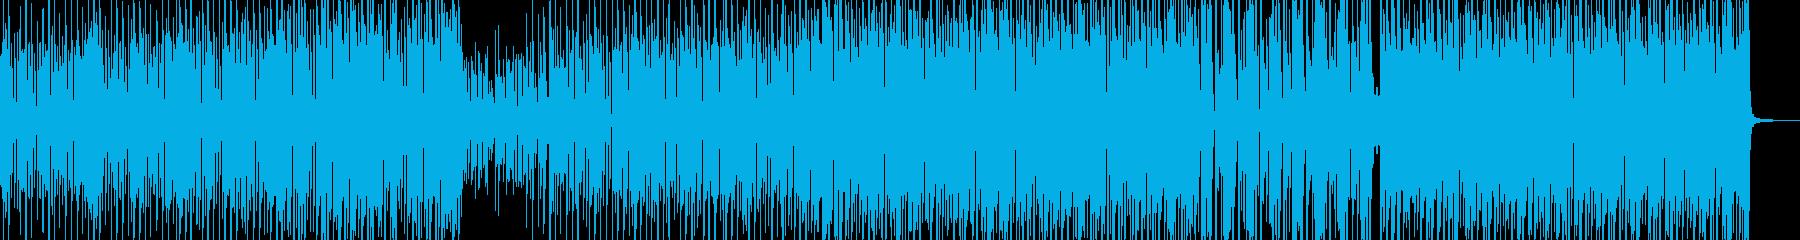 筋ᕦ(・ㅂ・)ᕤ肉・ガチムチテクノ Bの再生済みの波形